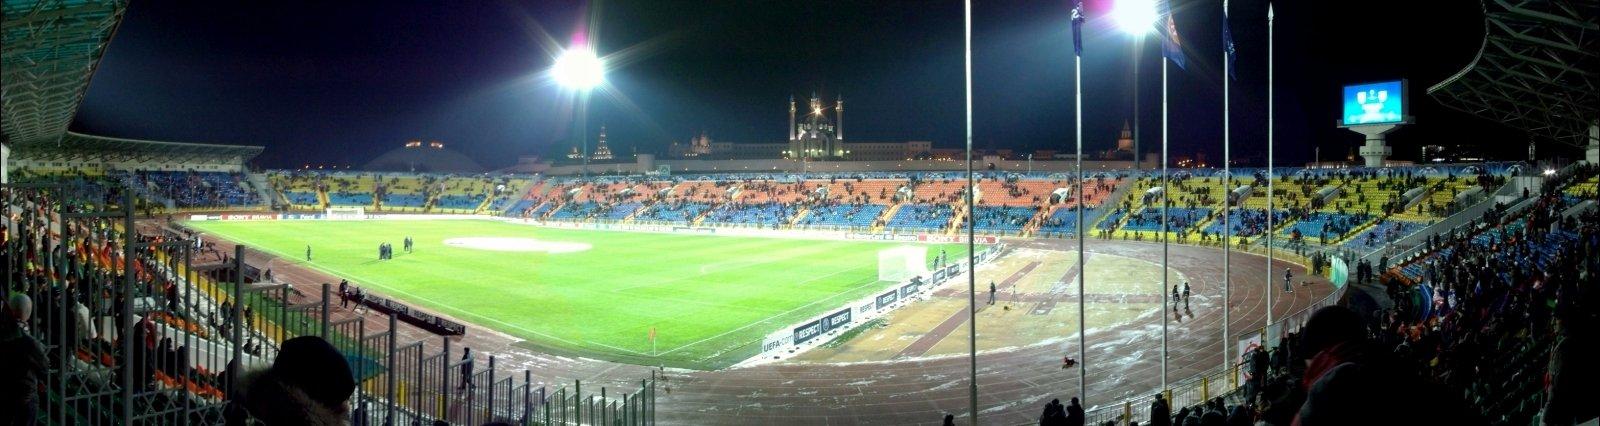 Панорама-2 Центральный стадион